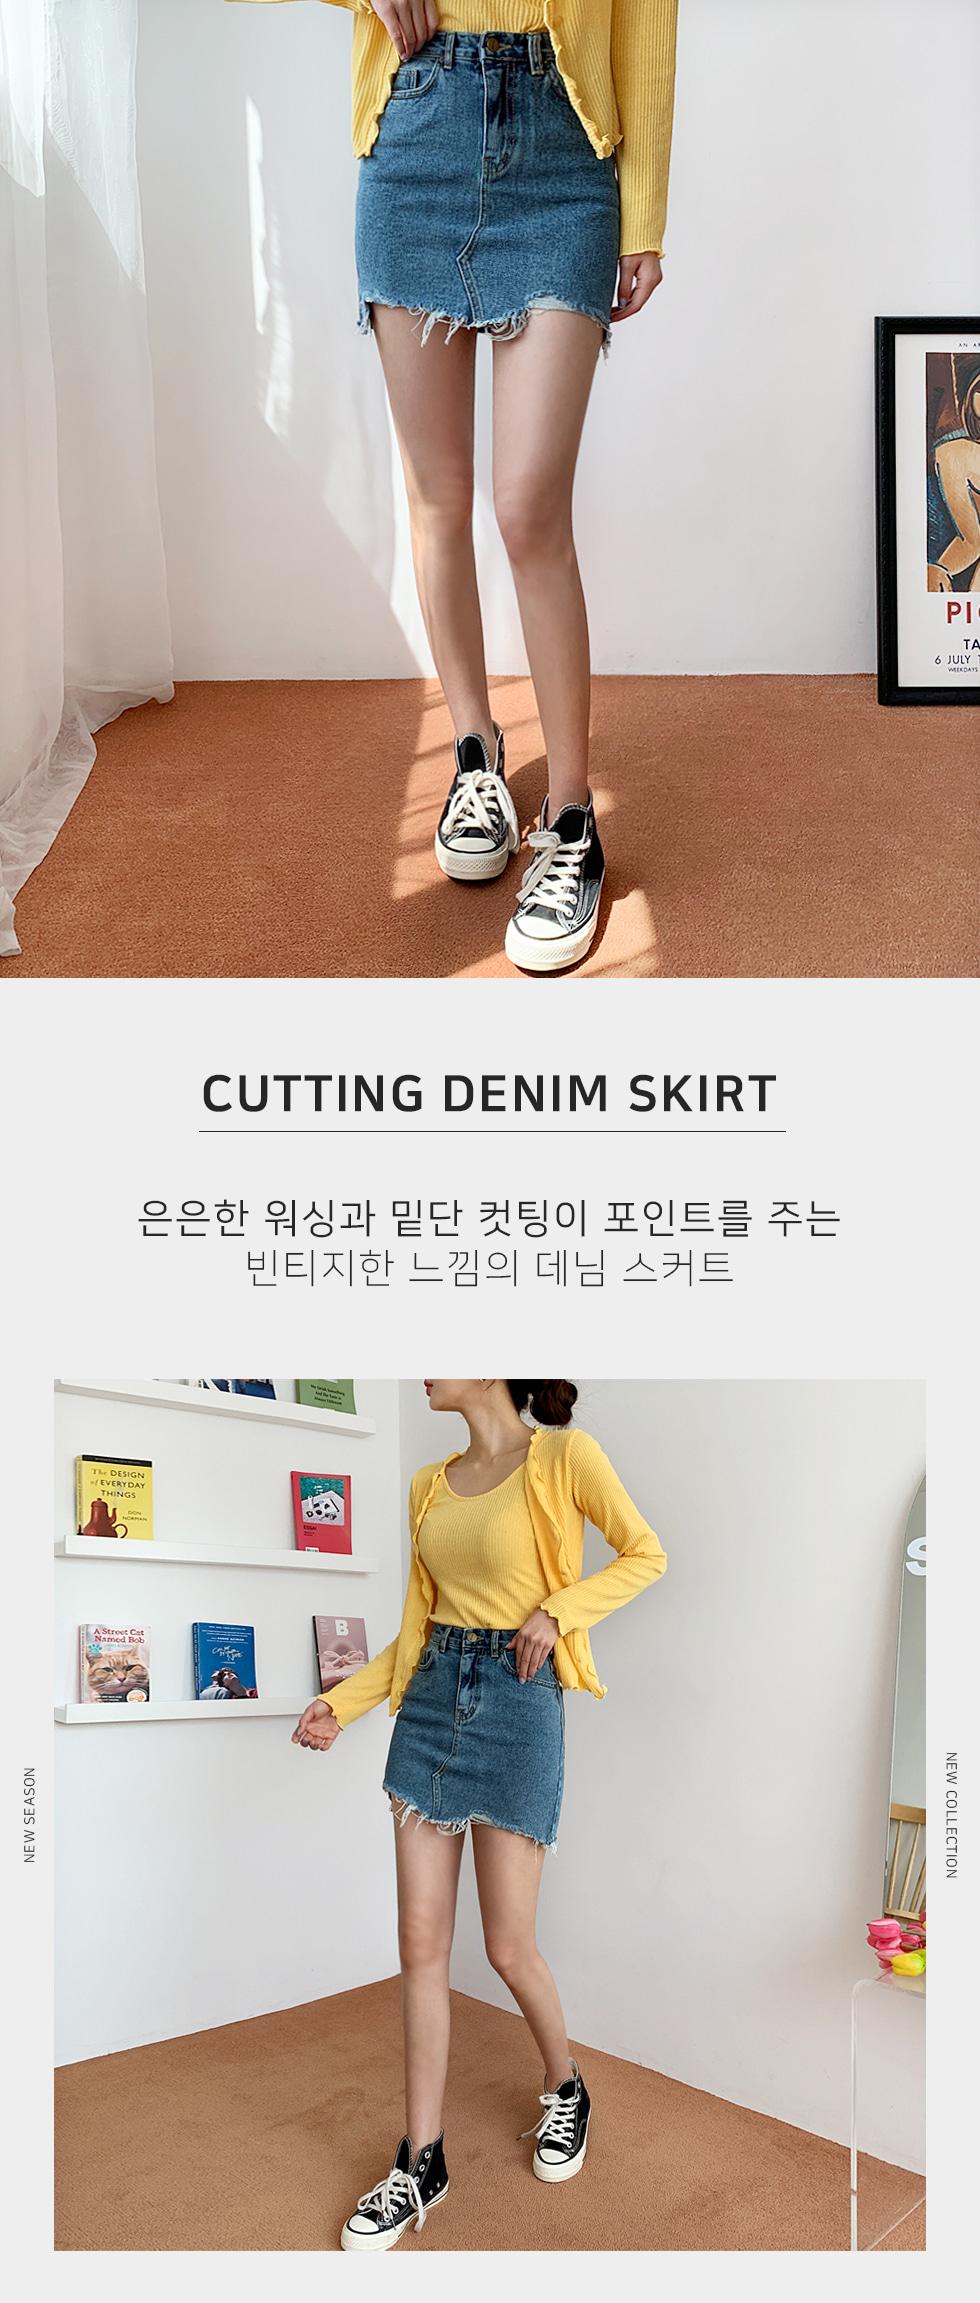 On the cutting denim skirt